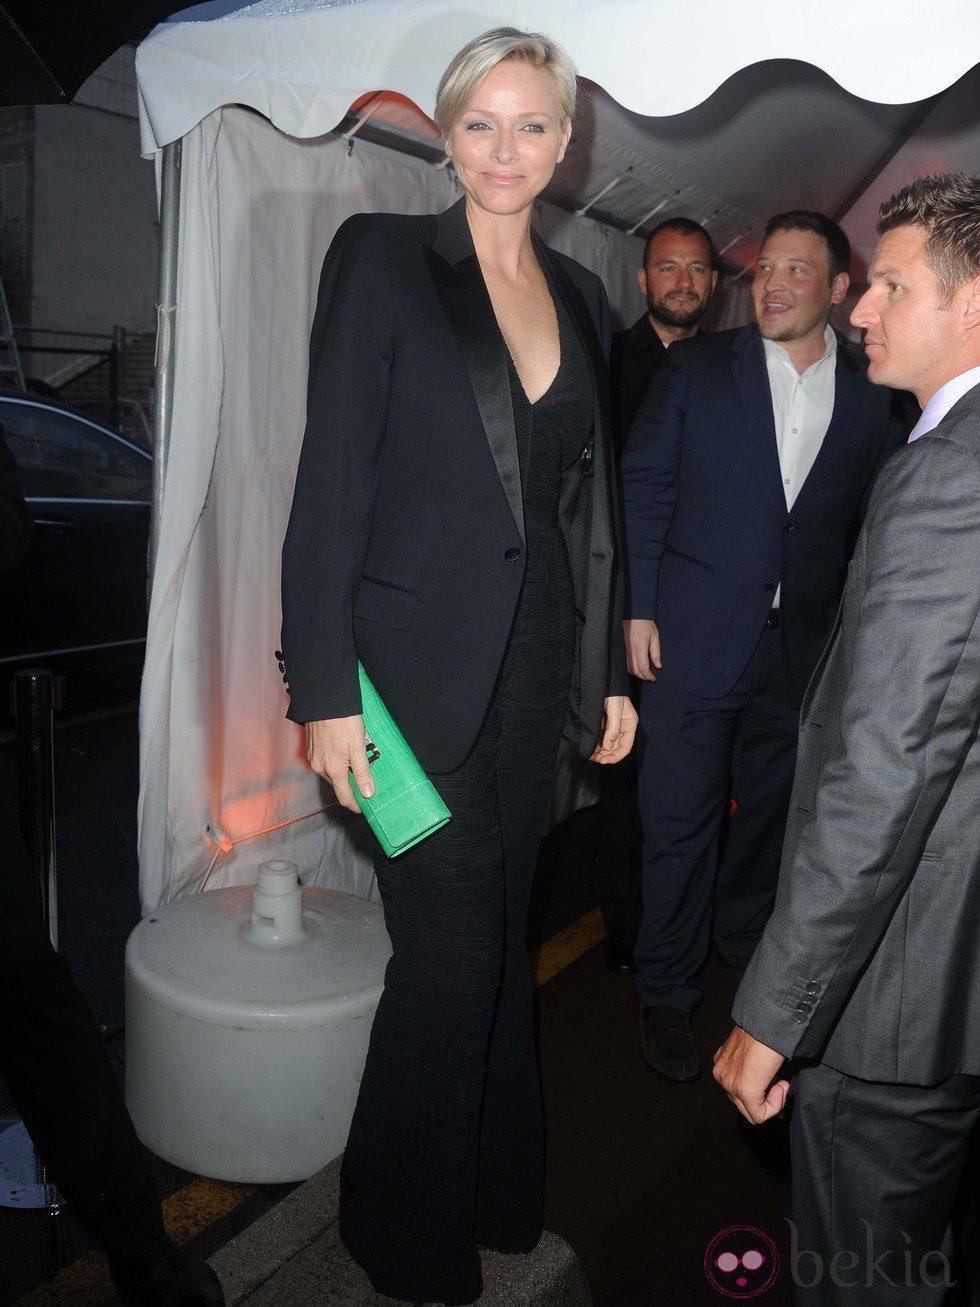 Charlene de Mónaco en la fiesta en el yate de Roberto Cavalli en Cannes